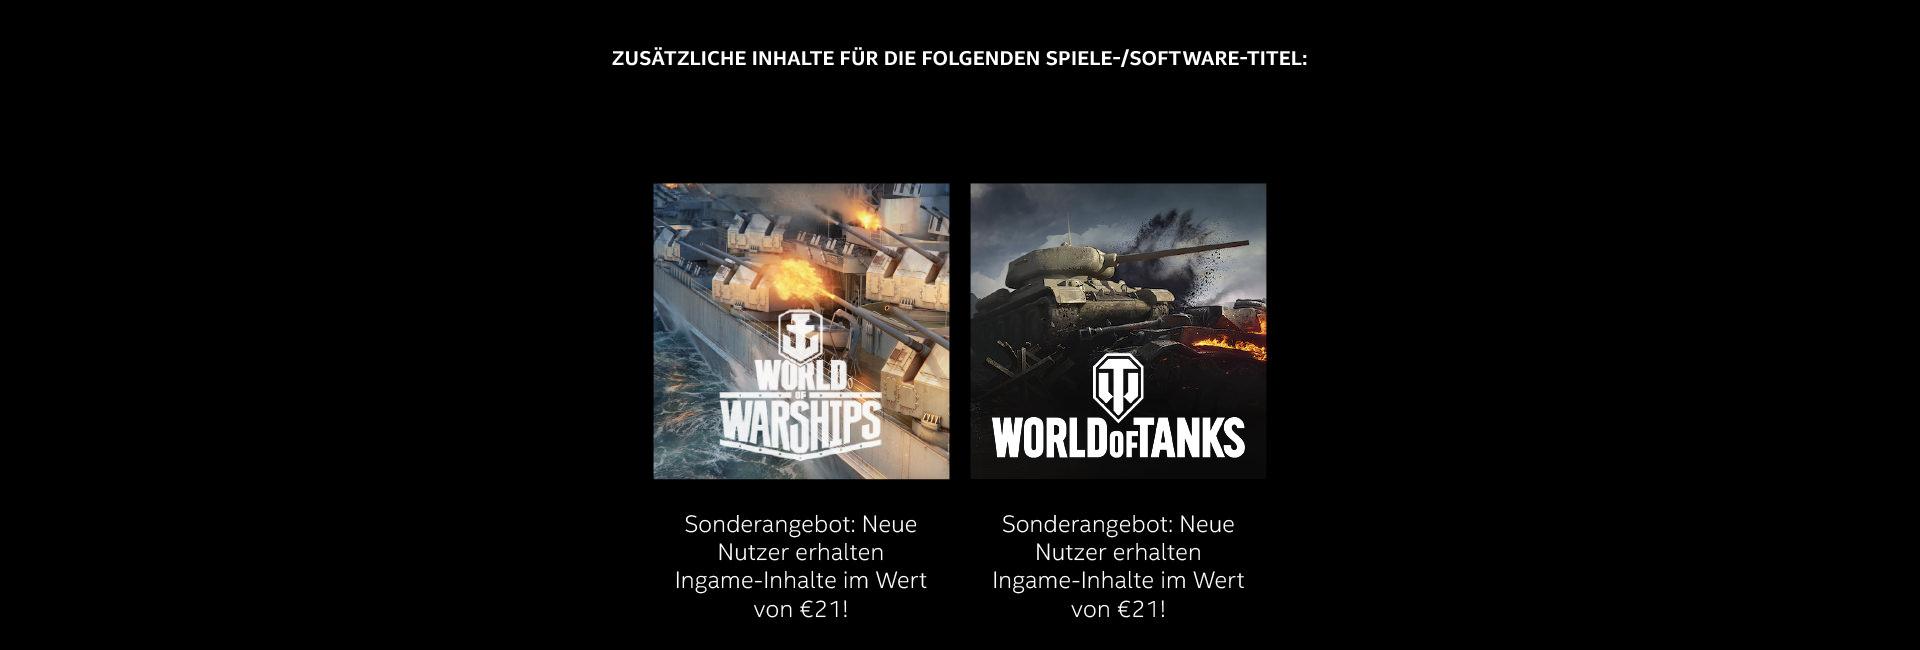 Zusätzliche Inhalte für die folgenden Spiele-/Software-Titel: World of Warships: Neue Nutzer erhalten 21€ Ingame-Inhalte & World of Tanks: Neue Nutzer erhalten 21€ Ingame-Inhalte